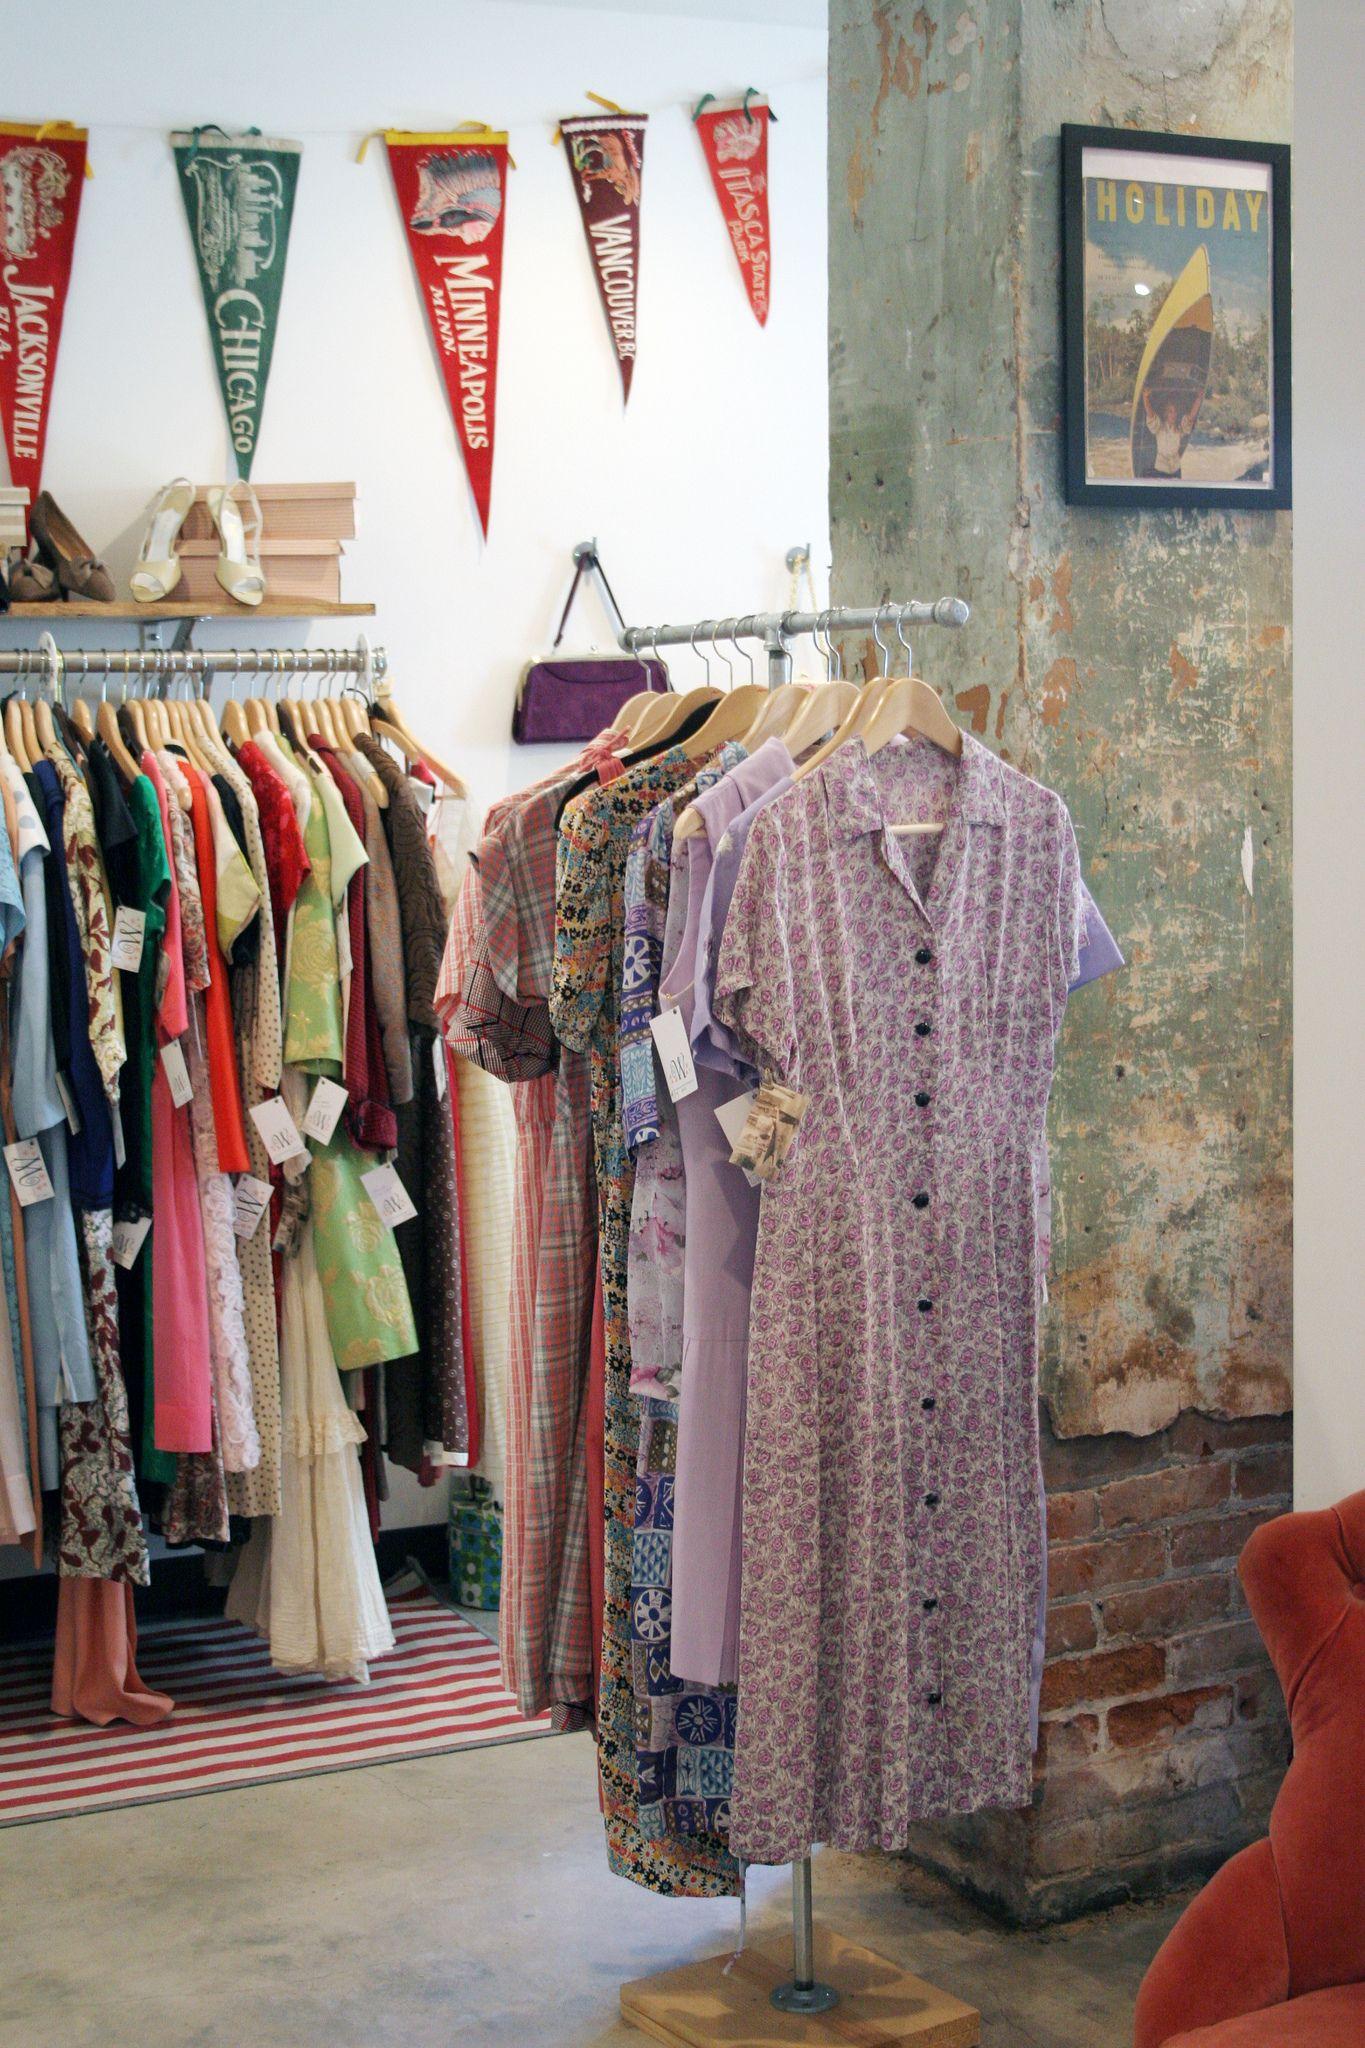 Wanderlust Vintage Clothes Shop Shop Interiors Boutique Interior